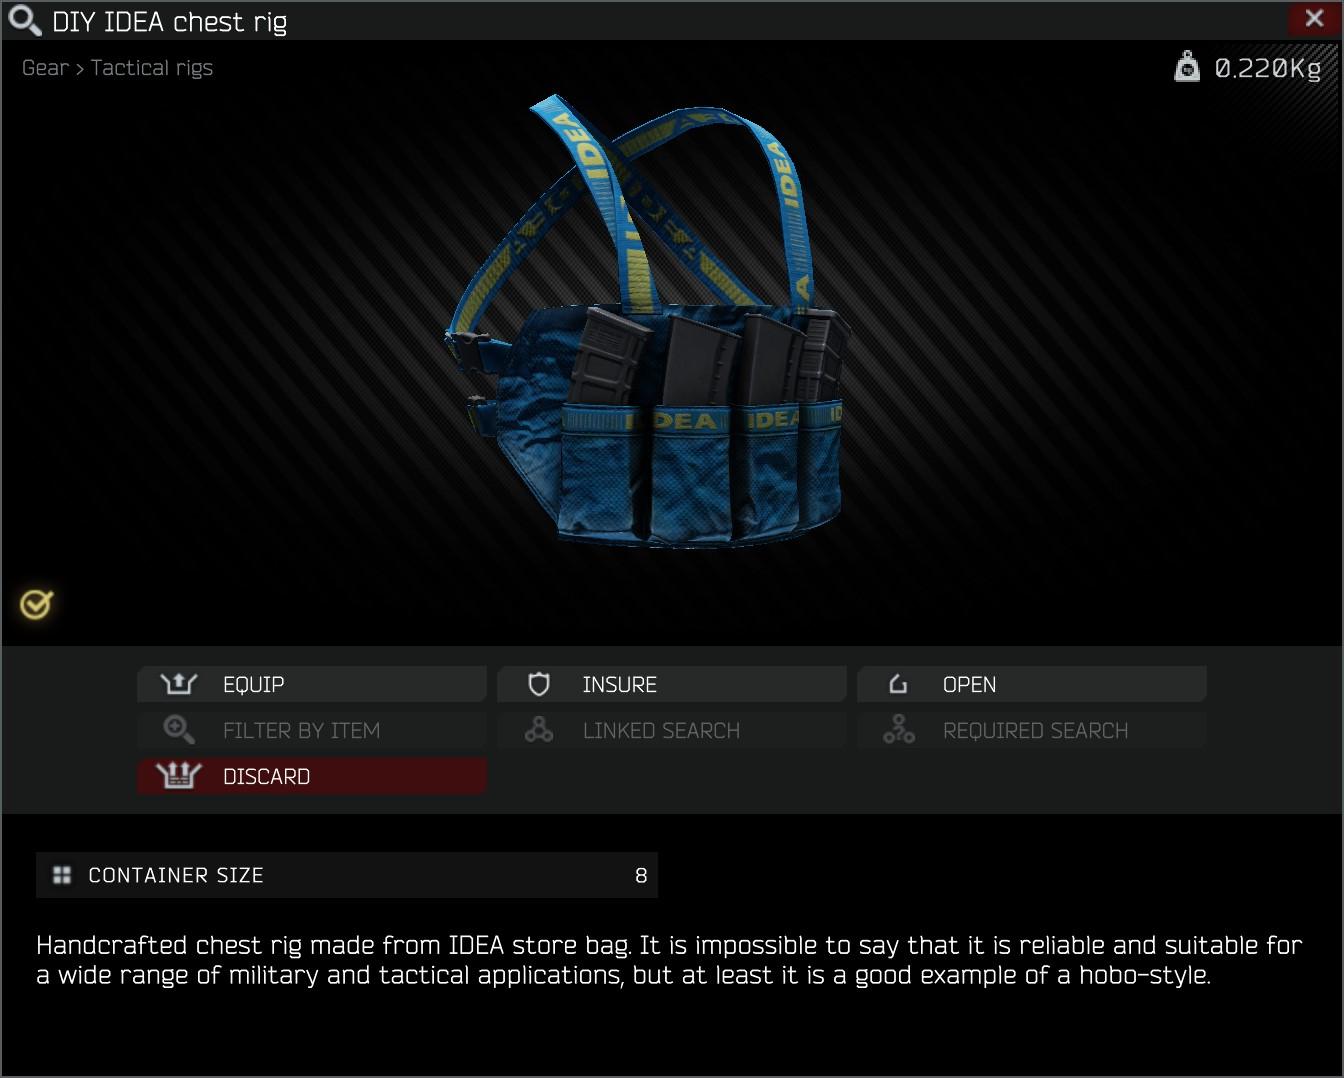 IDEA Chest rig.jpg